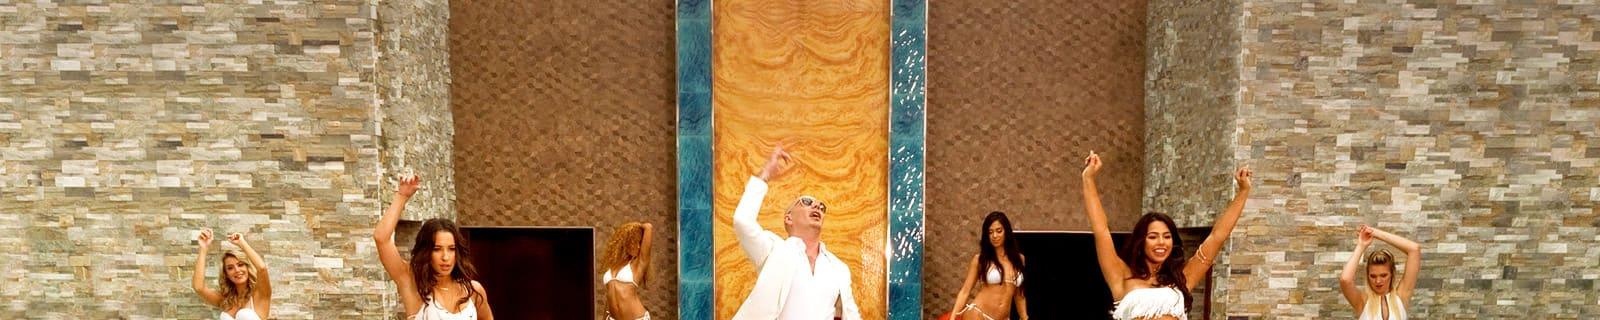 MI.Pitbull